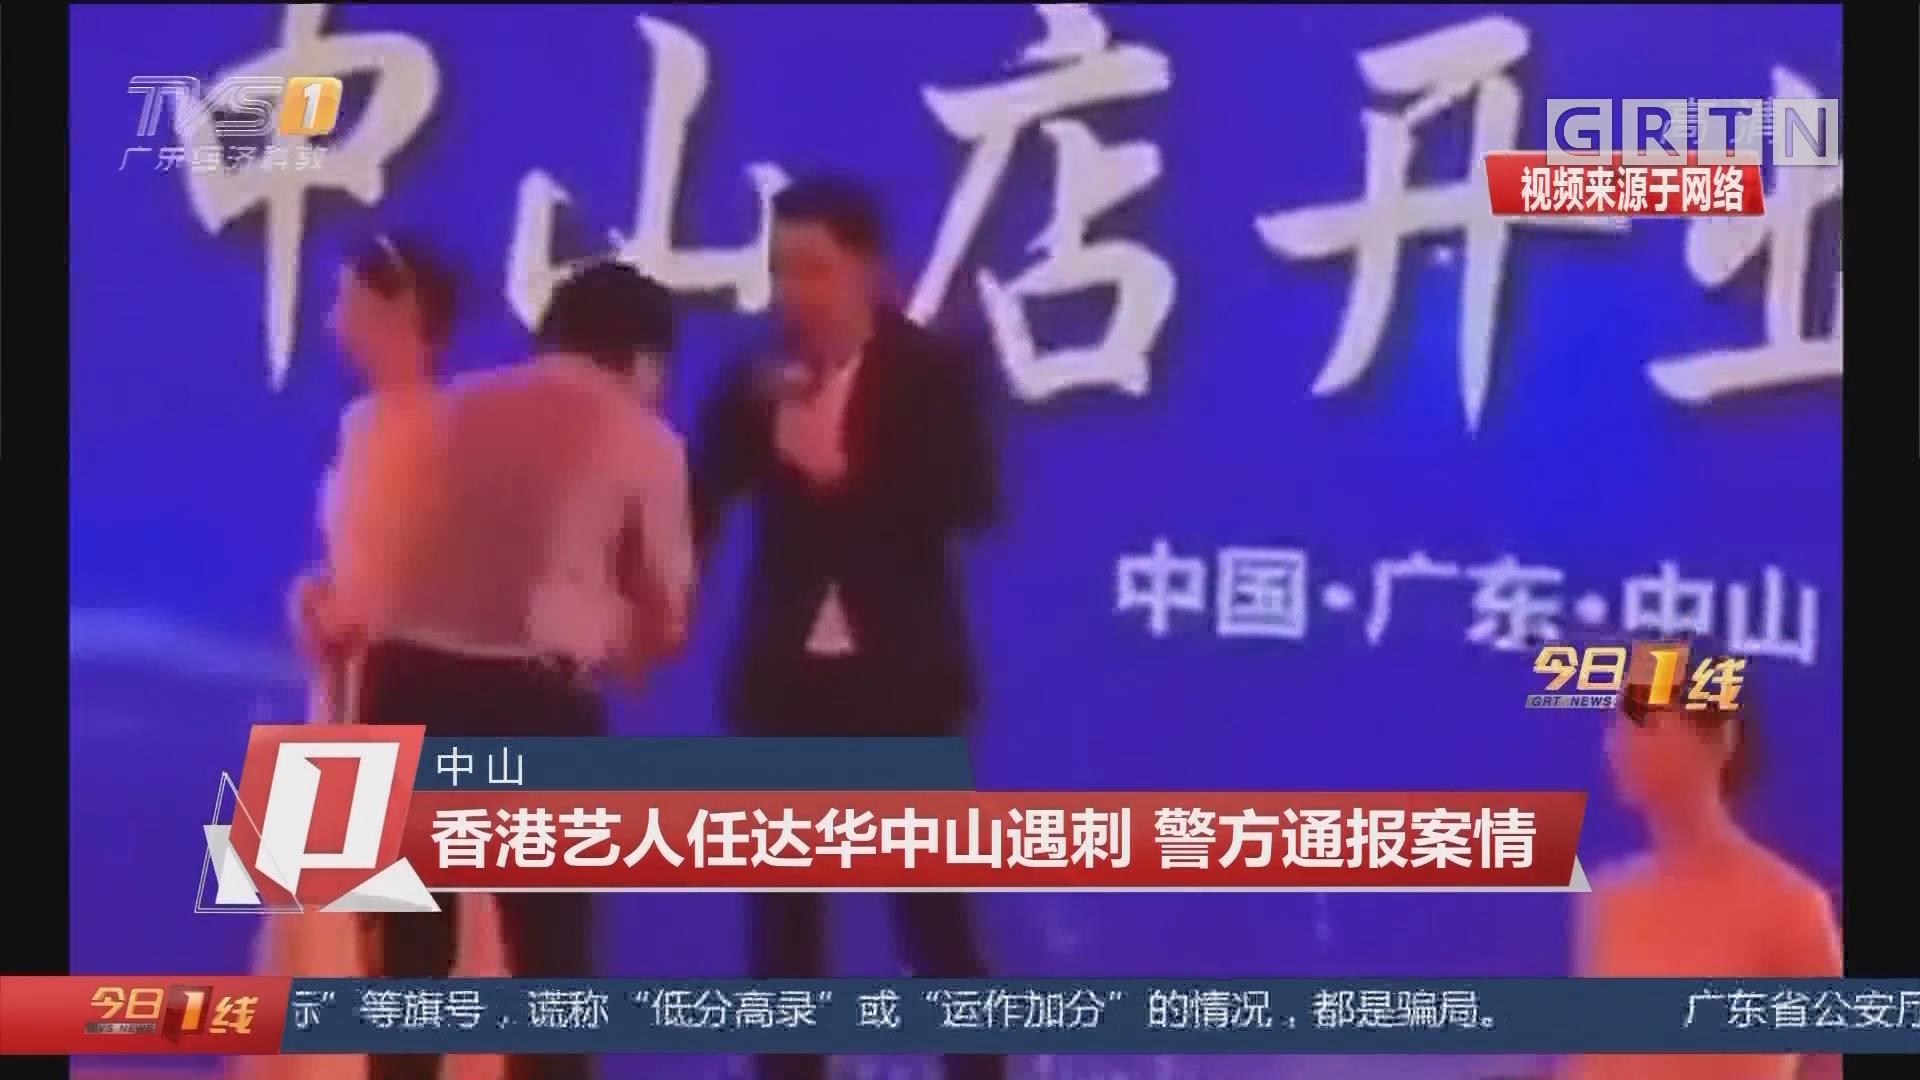 中山:香港藝人任達華中山遇刺 警方通報案情